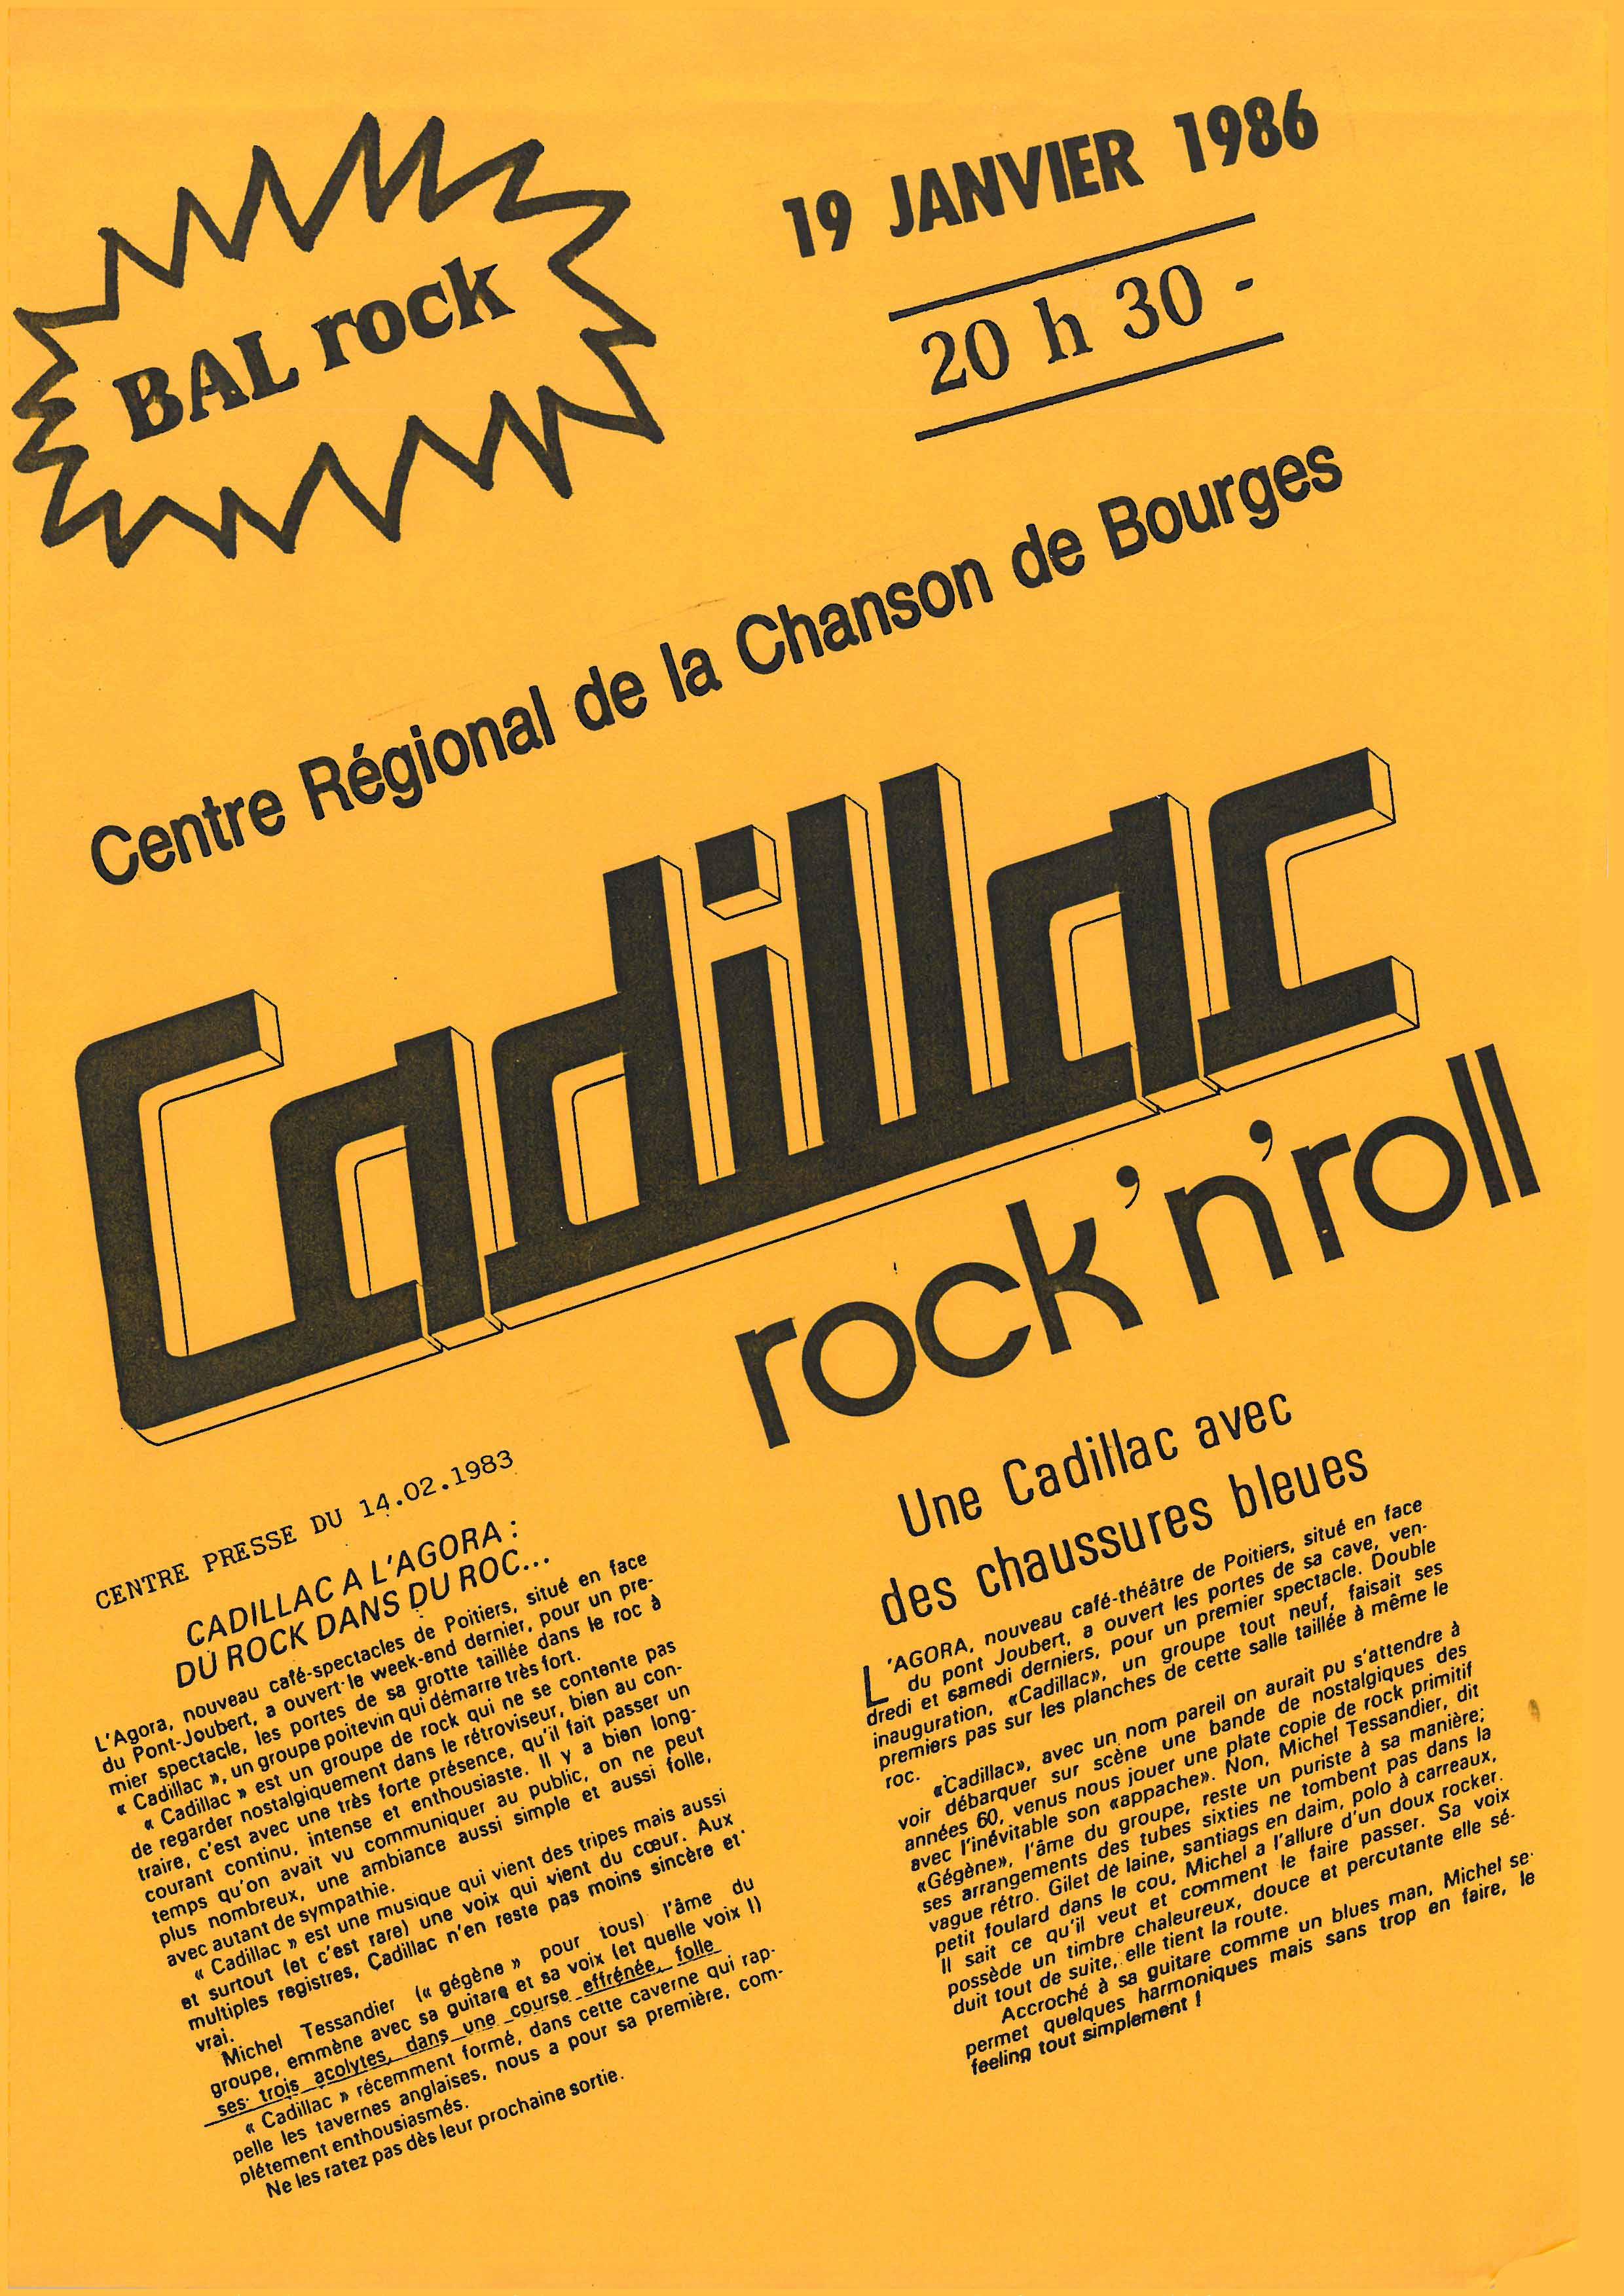 """19 janvier 1986 Cadillac à Bourges """"Centre Regional de la Chanson"""""""